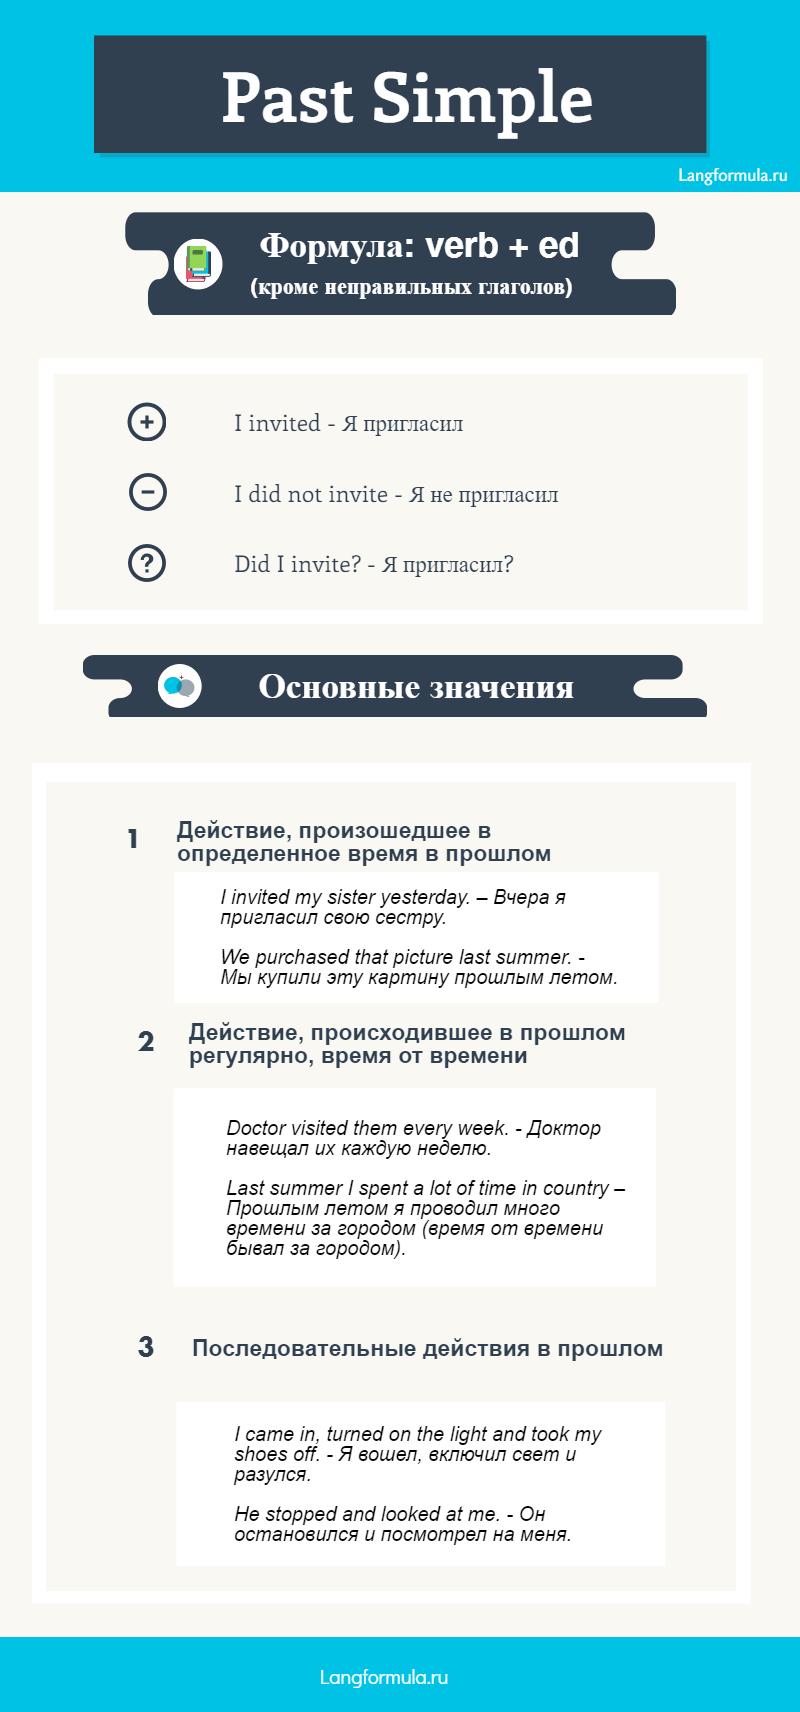 инфографика past simple